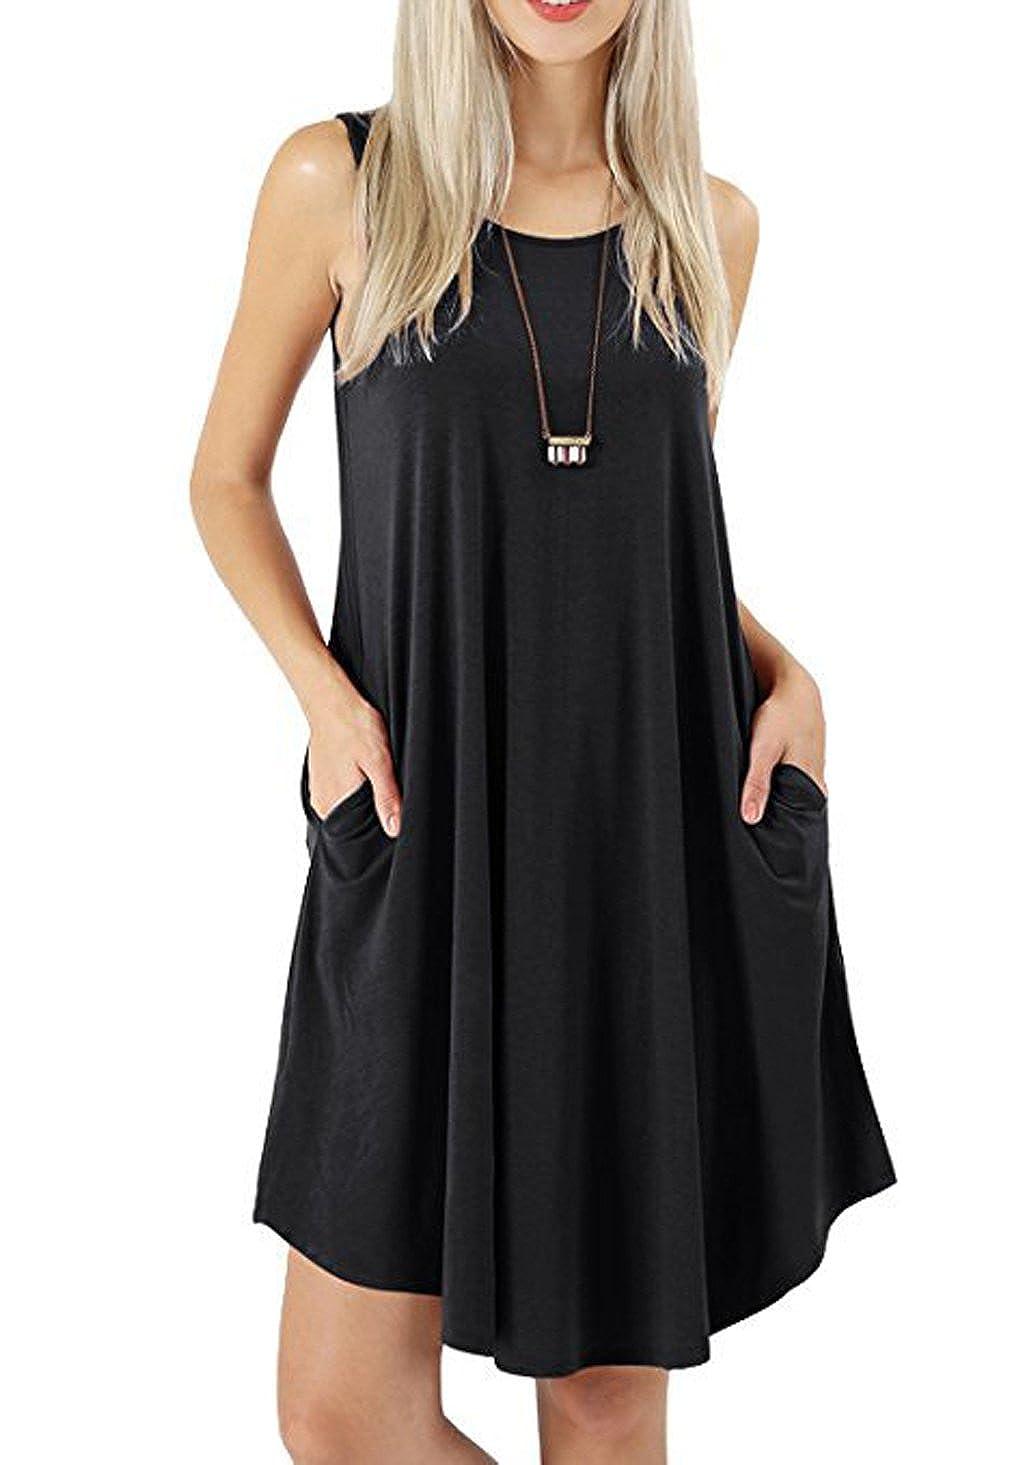 ZIOOER Womens Summer Casual Flowy Pockets Loose Beach Sleeveless T-Shirt Dresses